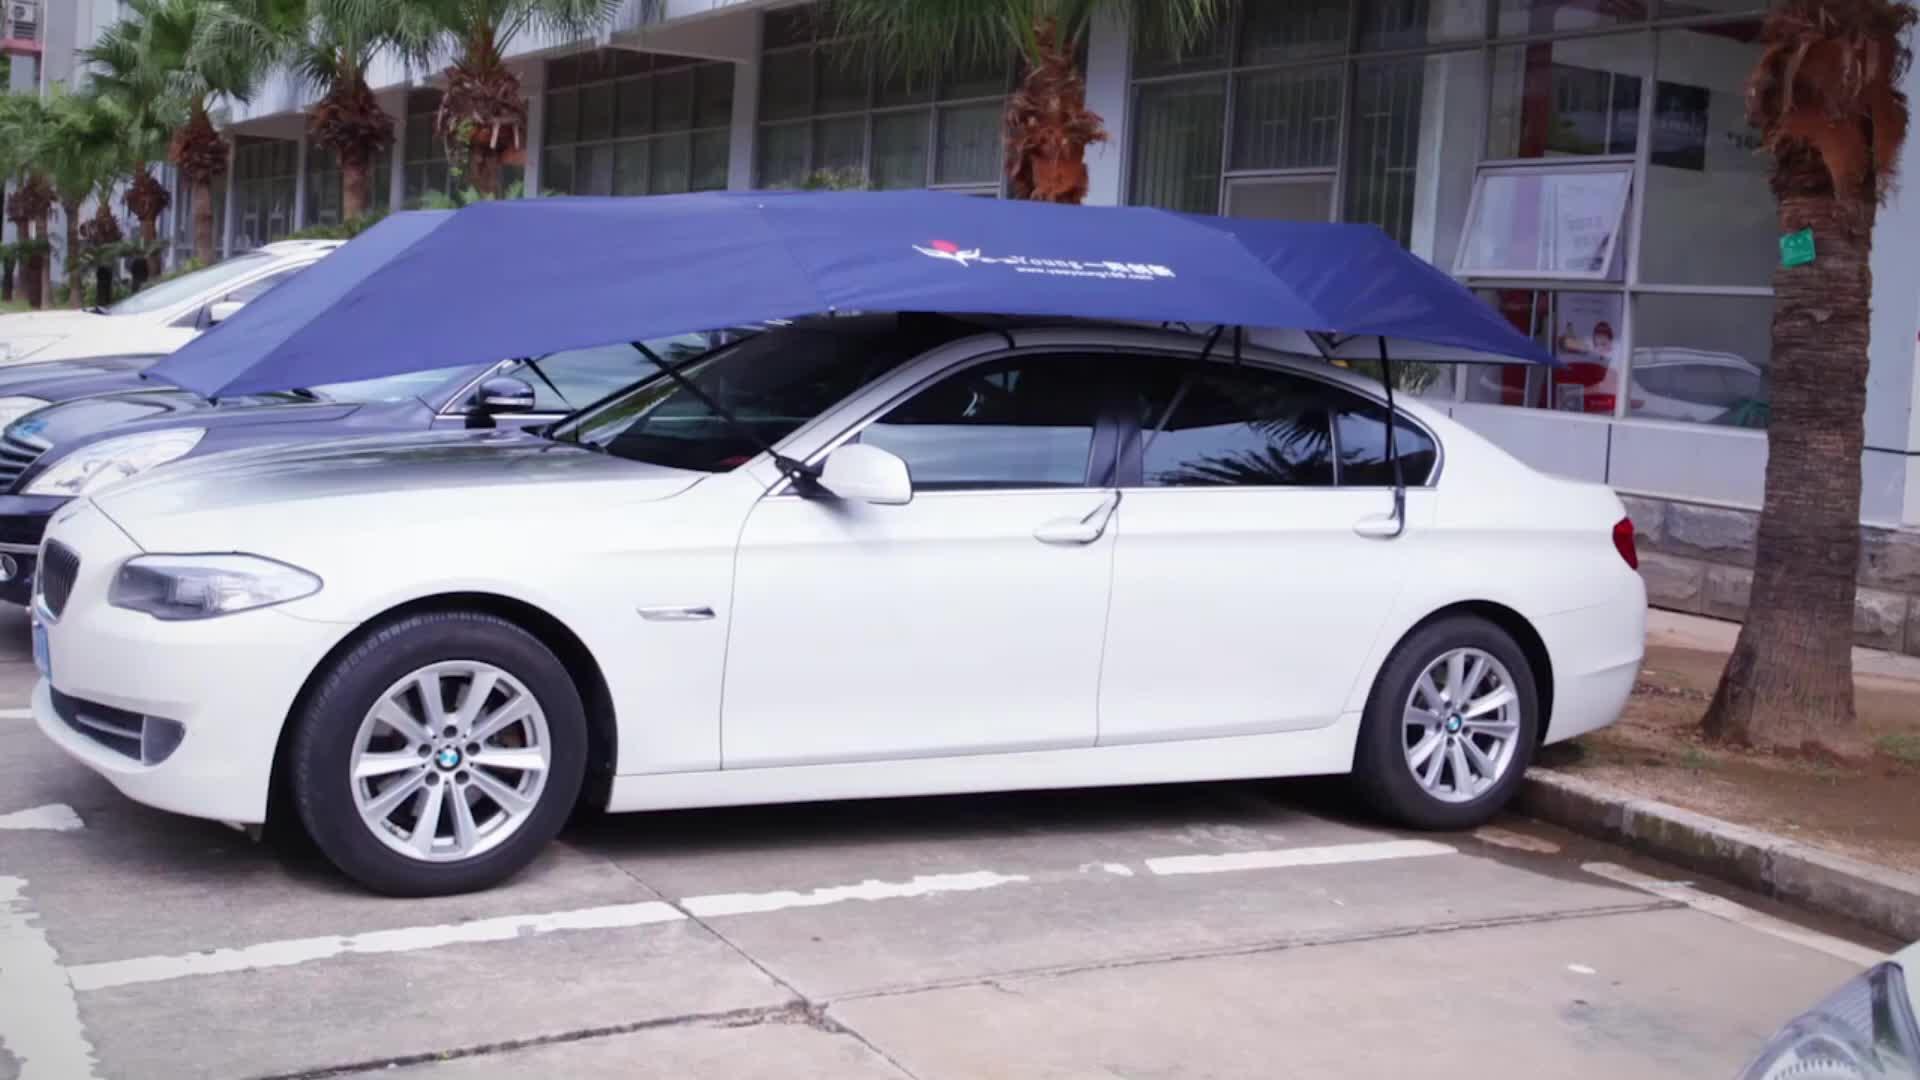 5x2,3 M eléctrico de control remoto granizo protección sunproof cubierta del coche Paraguas automático